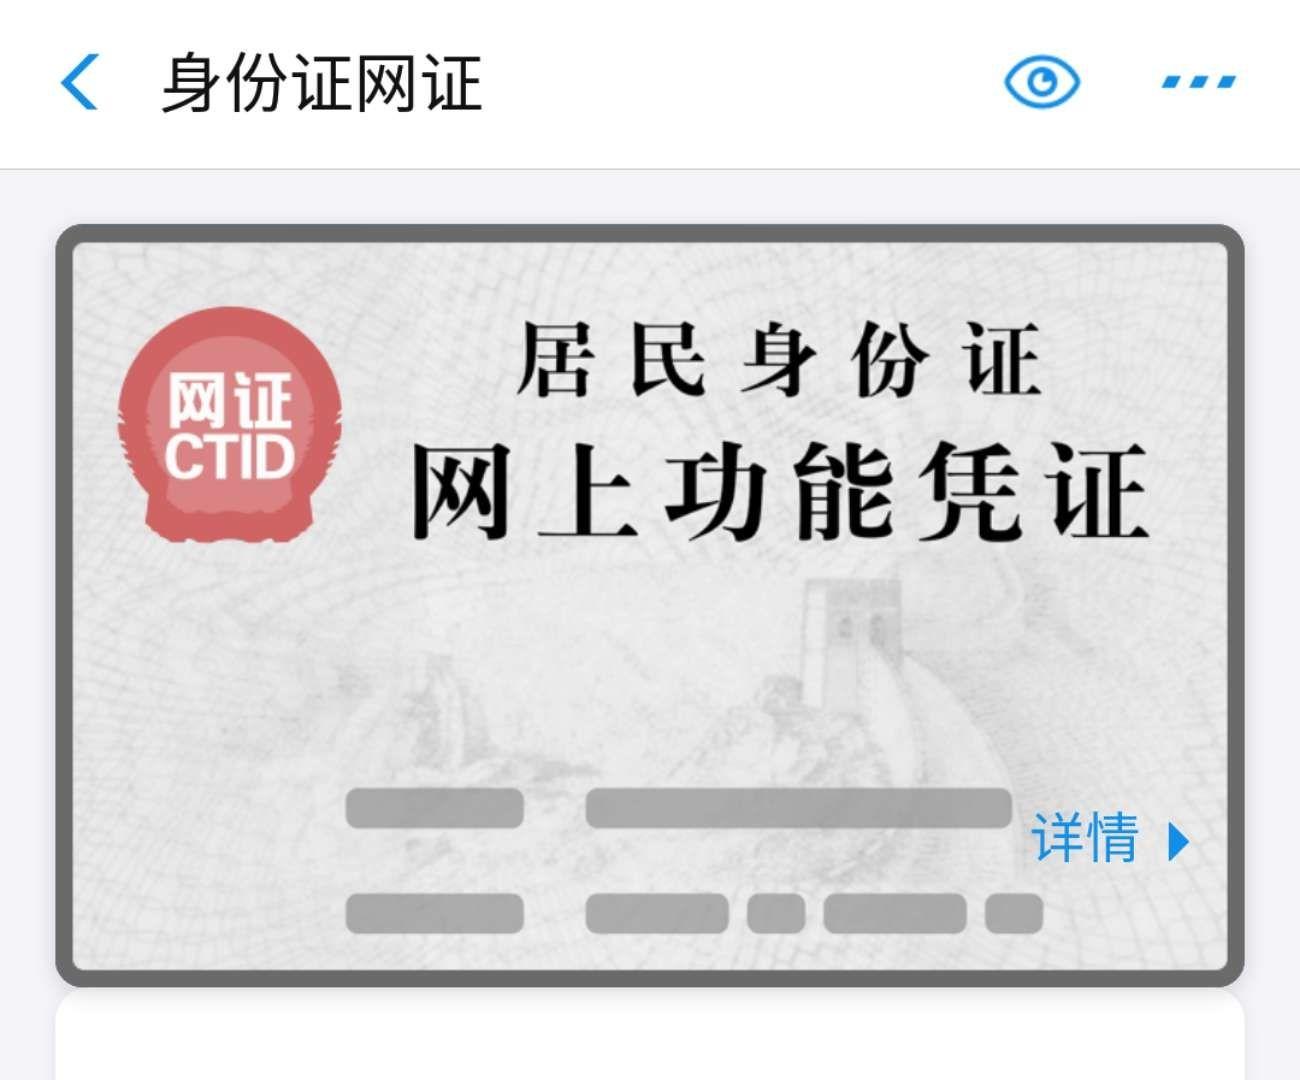 支付宝可领电子身份证 衢州、杭州、福州成首批试点